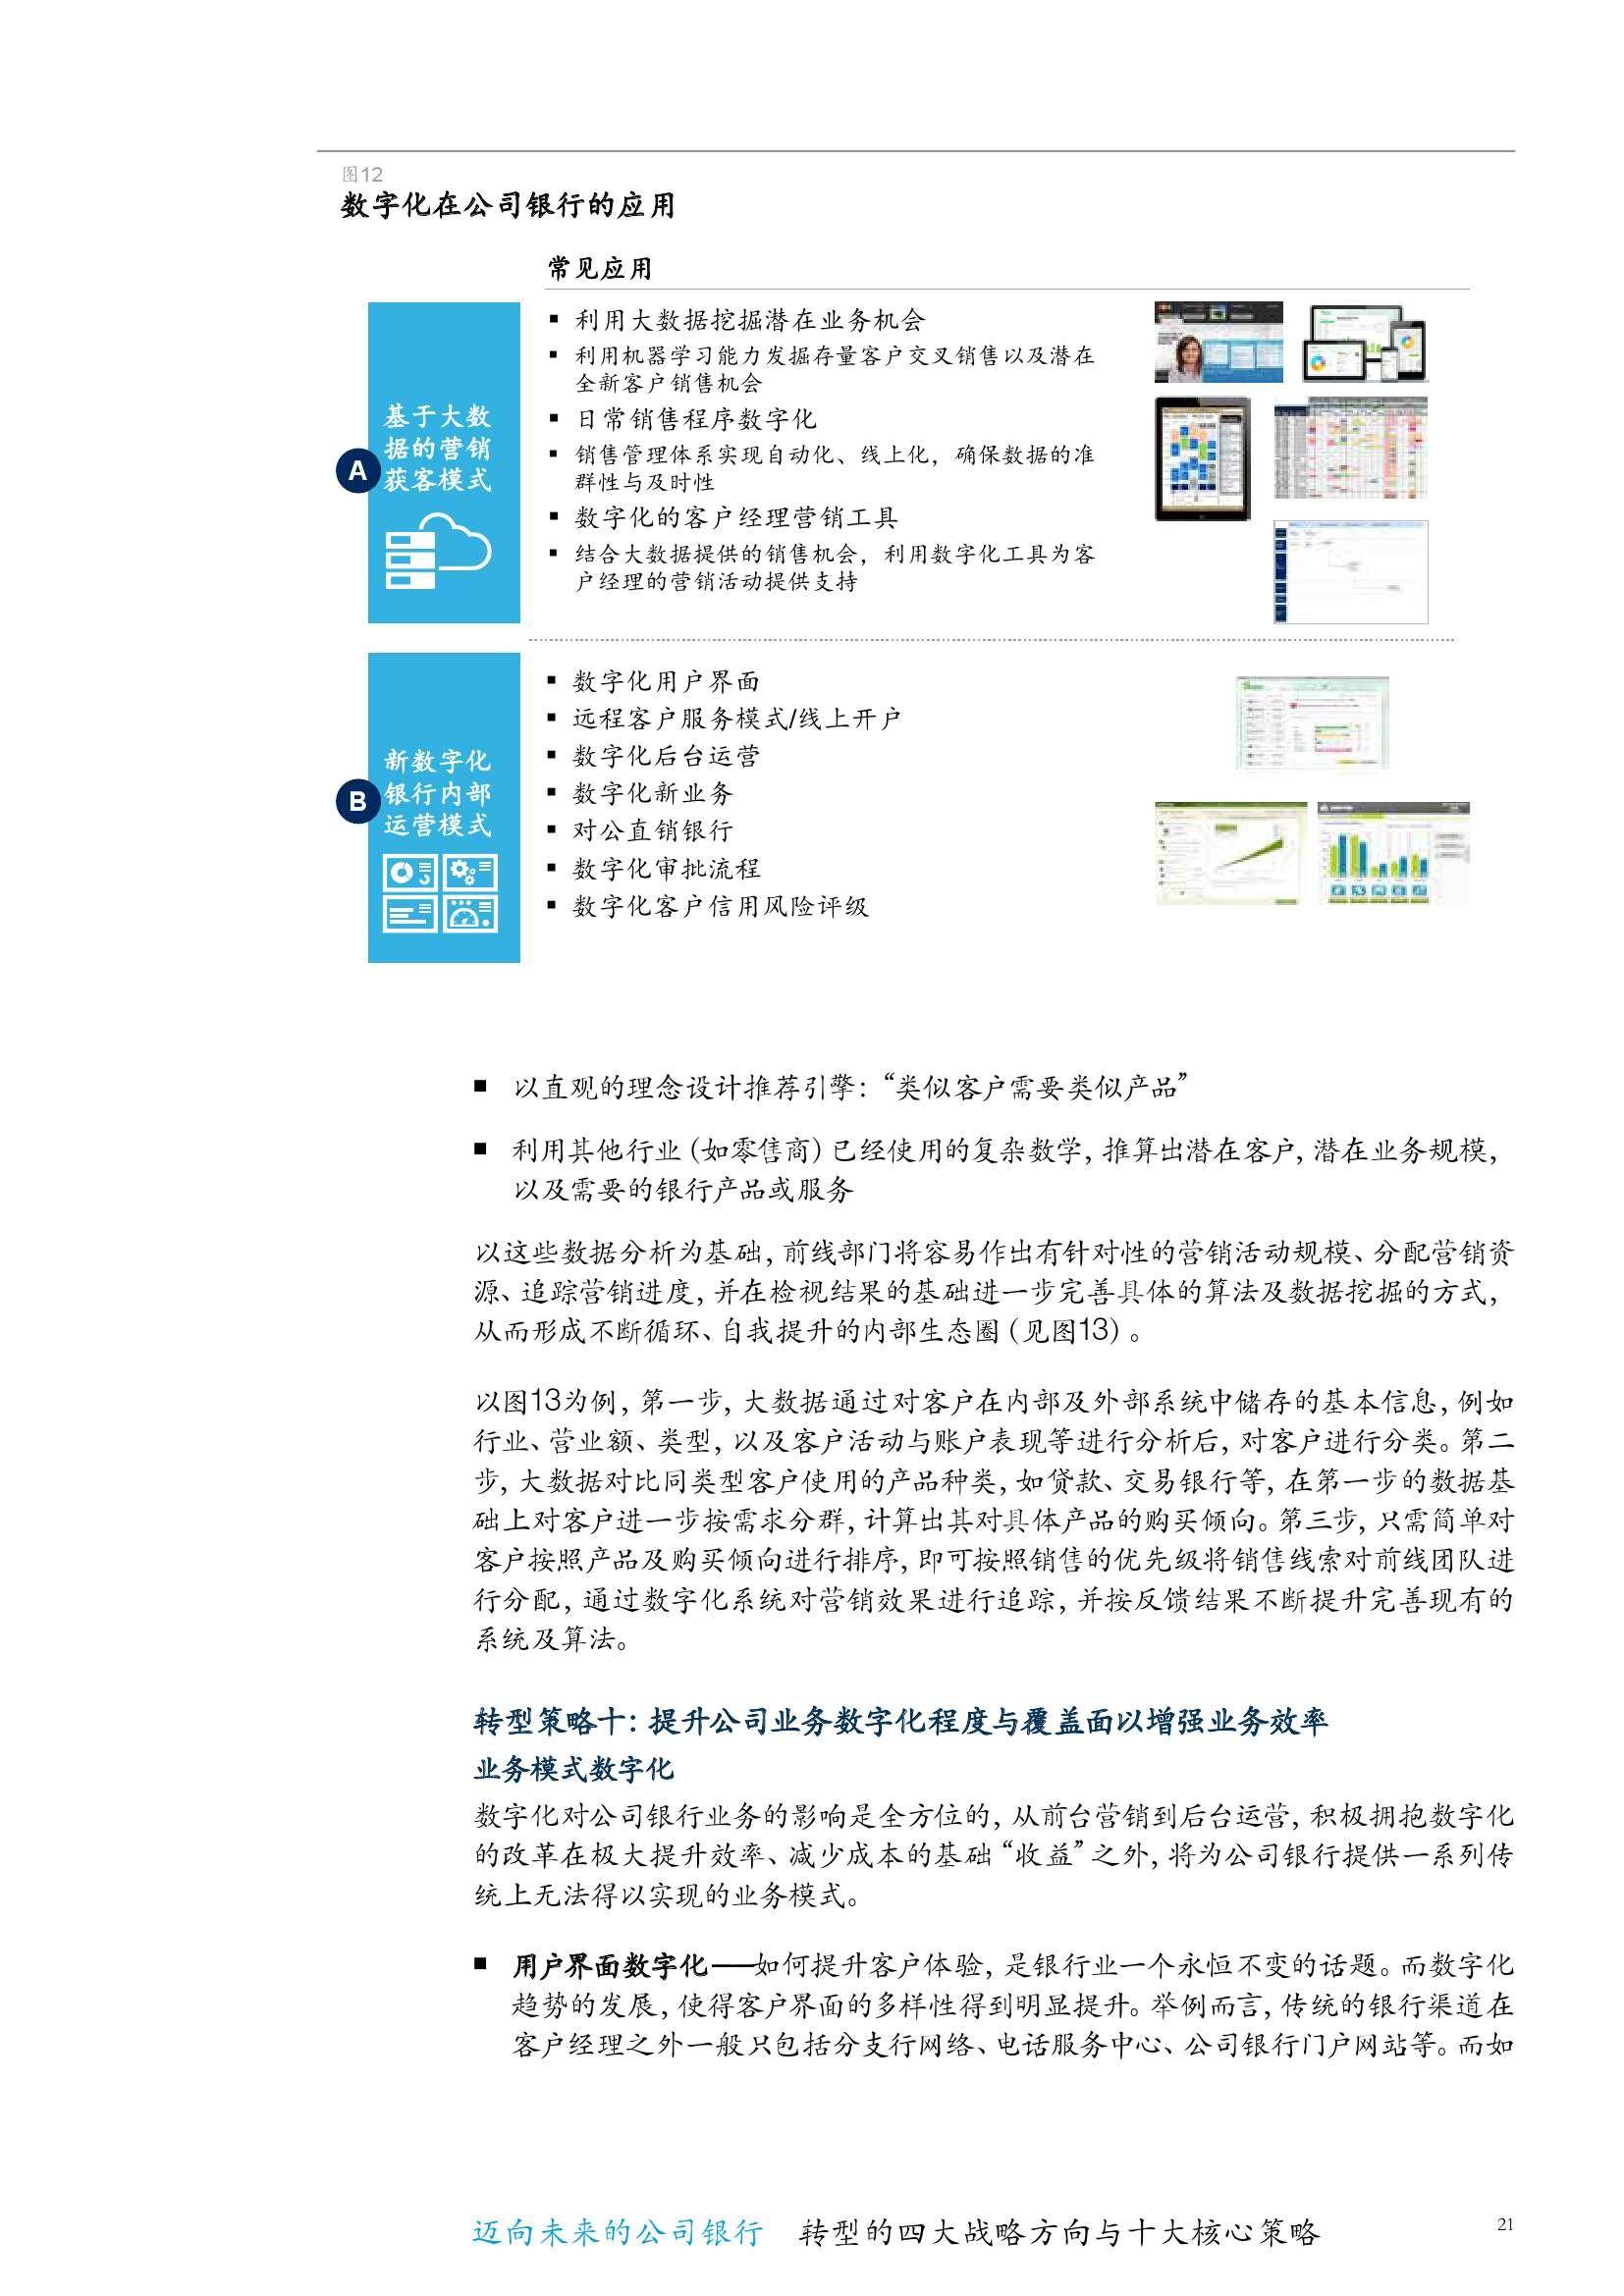 中国银行业白皮书--迈向未来的公司银行_000027